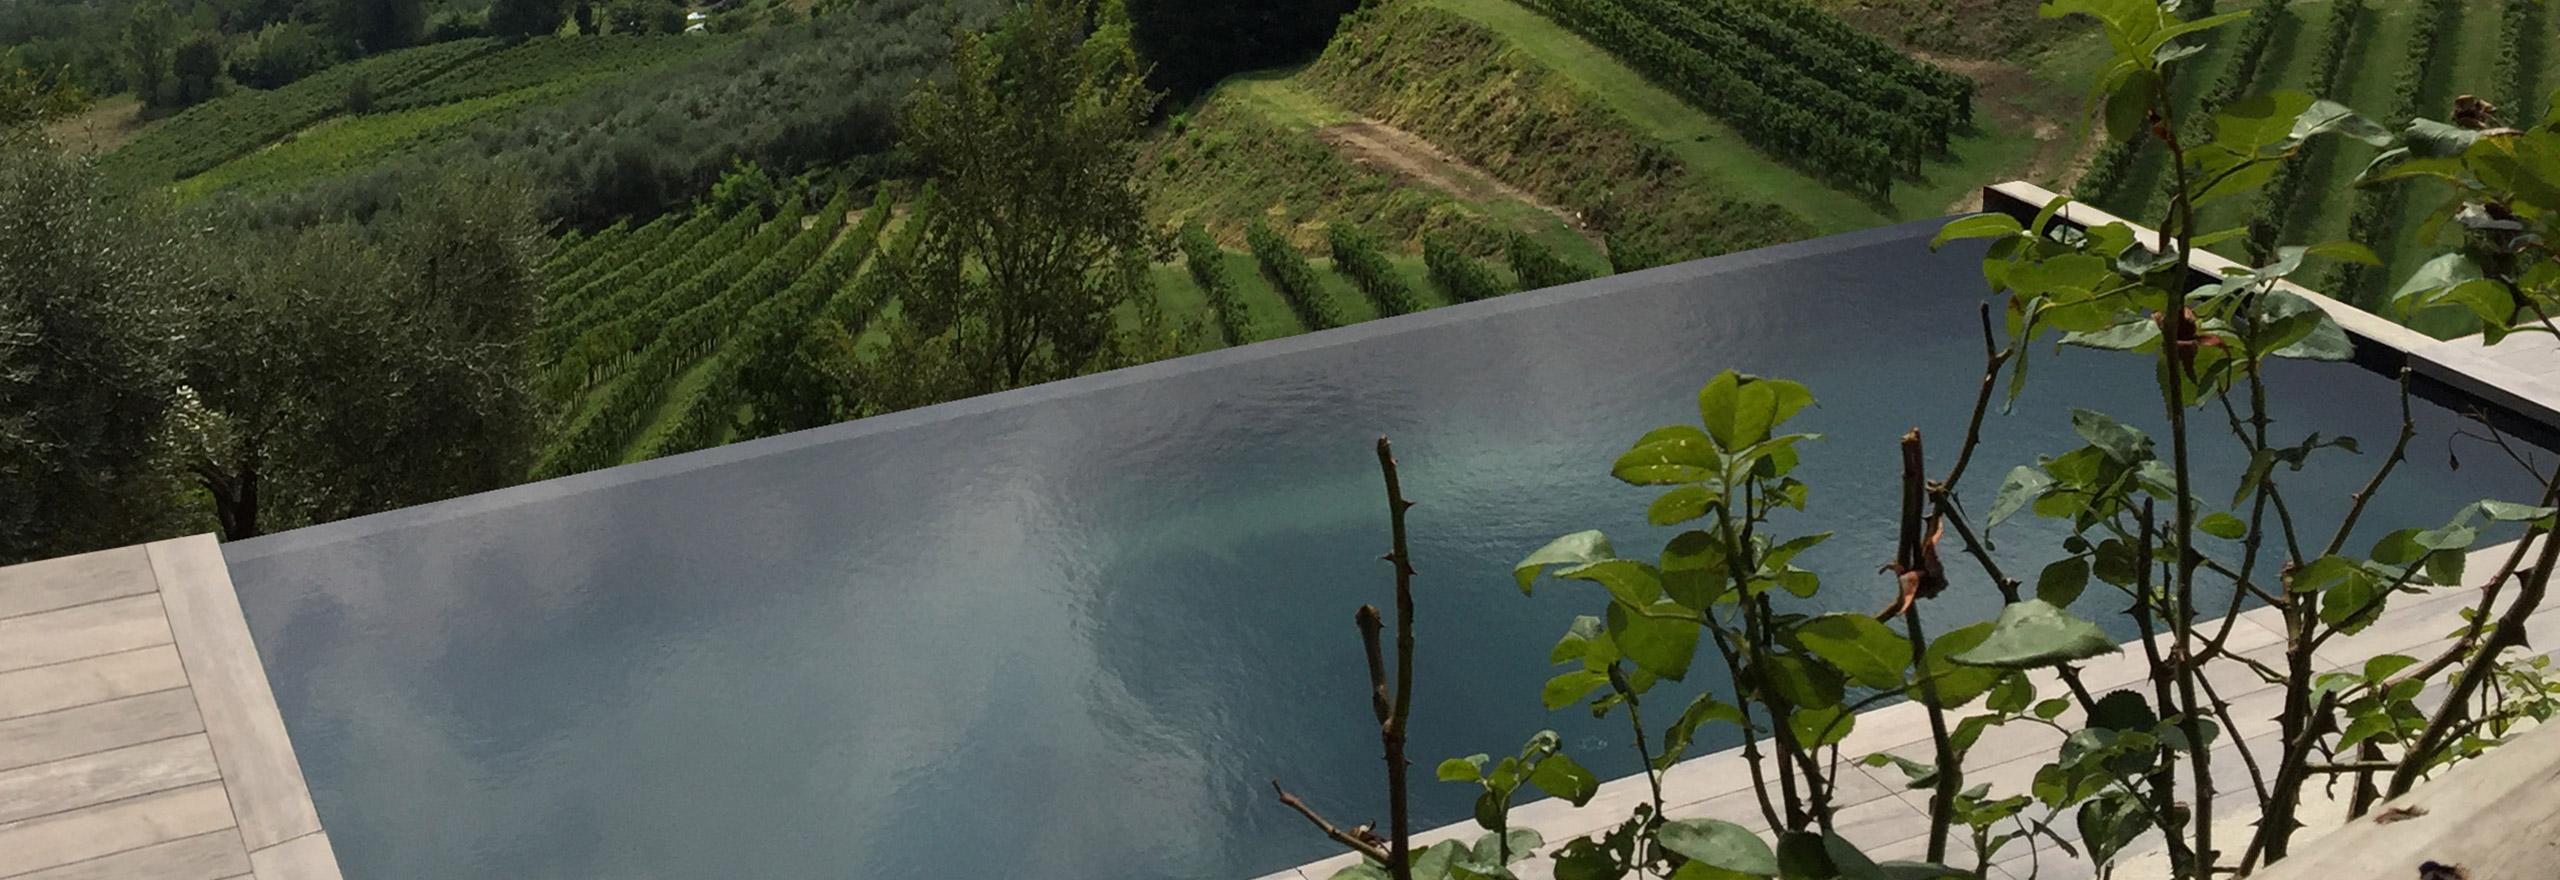 piscina-colli-euganei-Azienda-Agricola-Le-Volpi